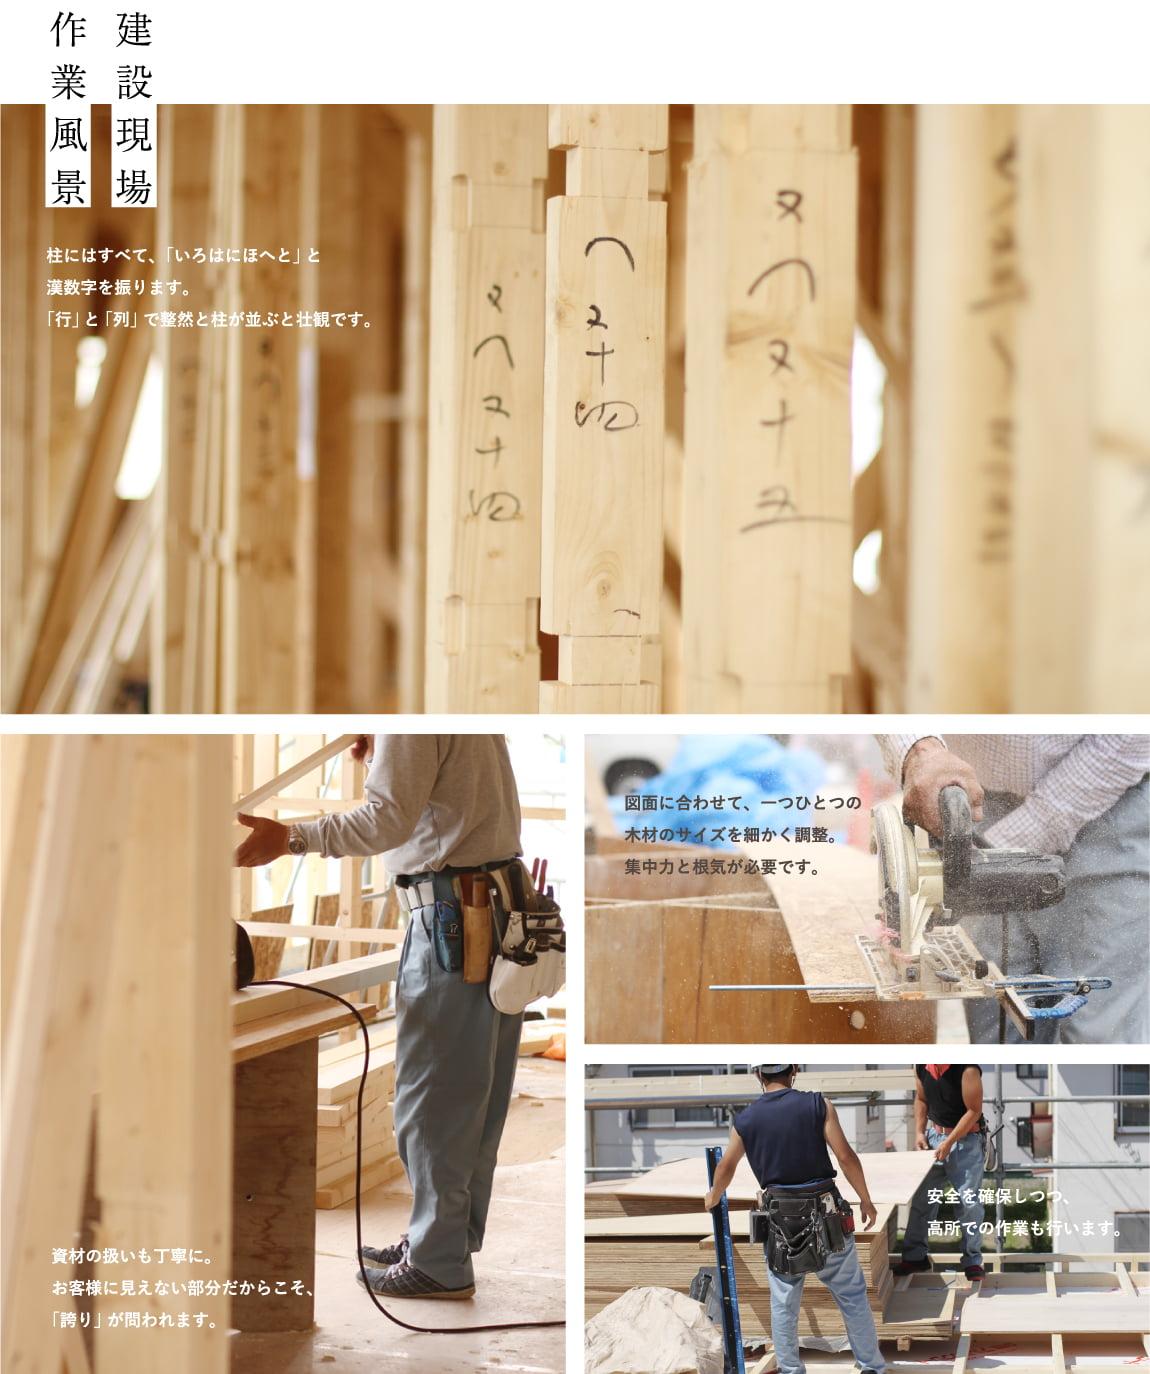 イメージ図/建設現場の作業風景